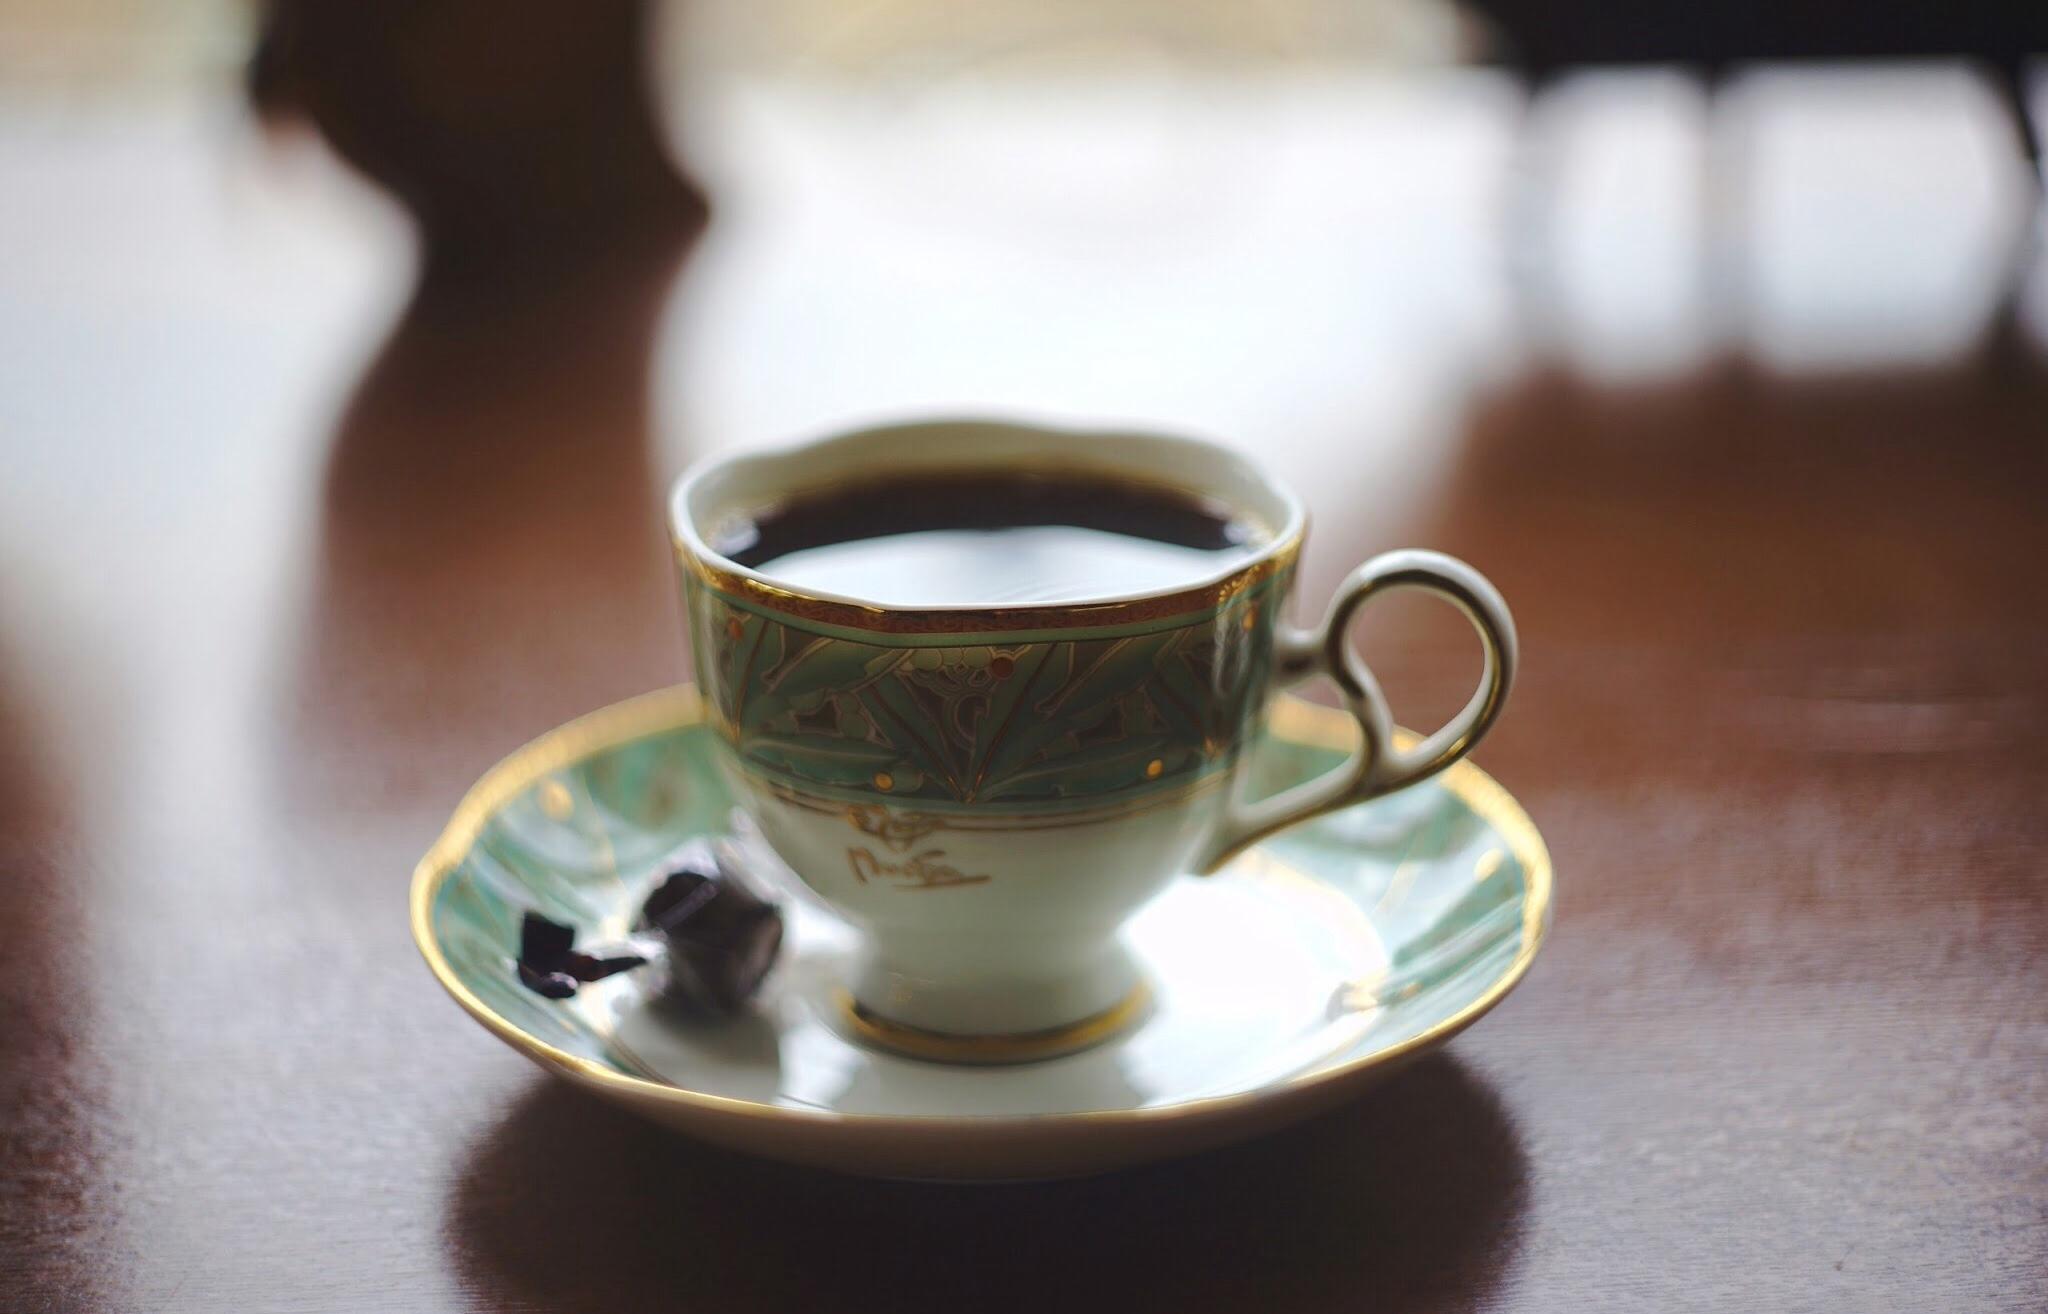 ハンドドリップで丁寧に抽出、香る豊かな珈琲